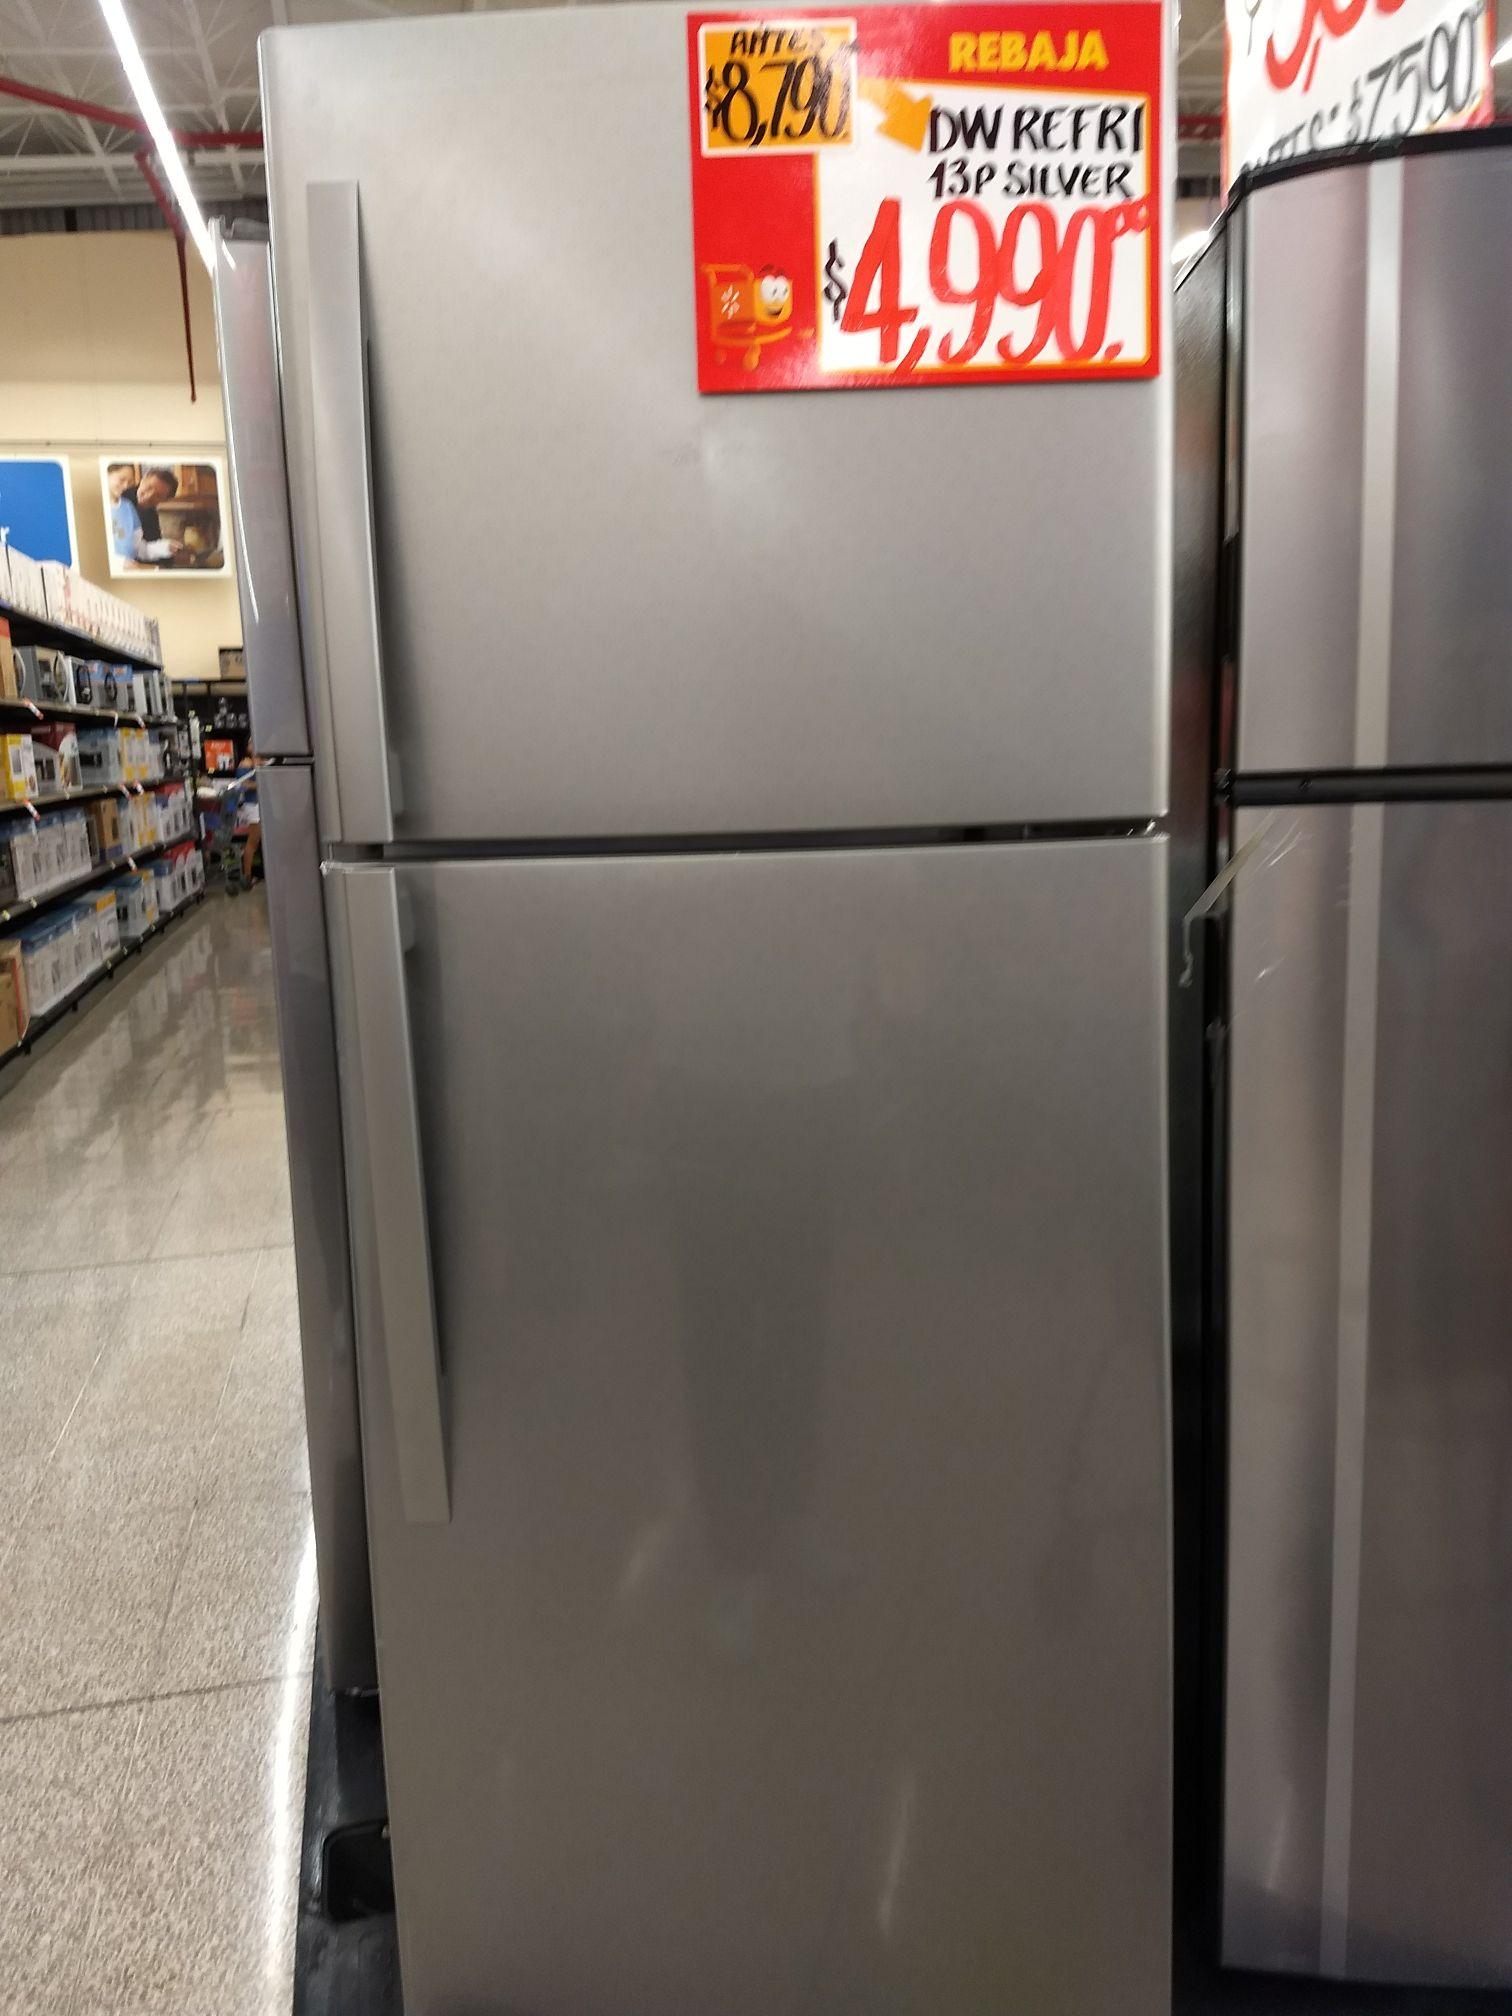 Walmart Galván Colima: Refrigerador 13P DAEWOO y más